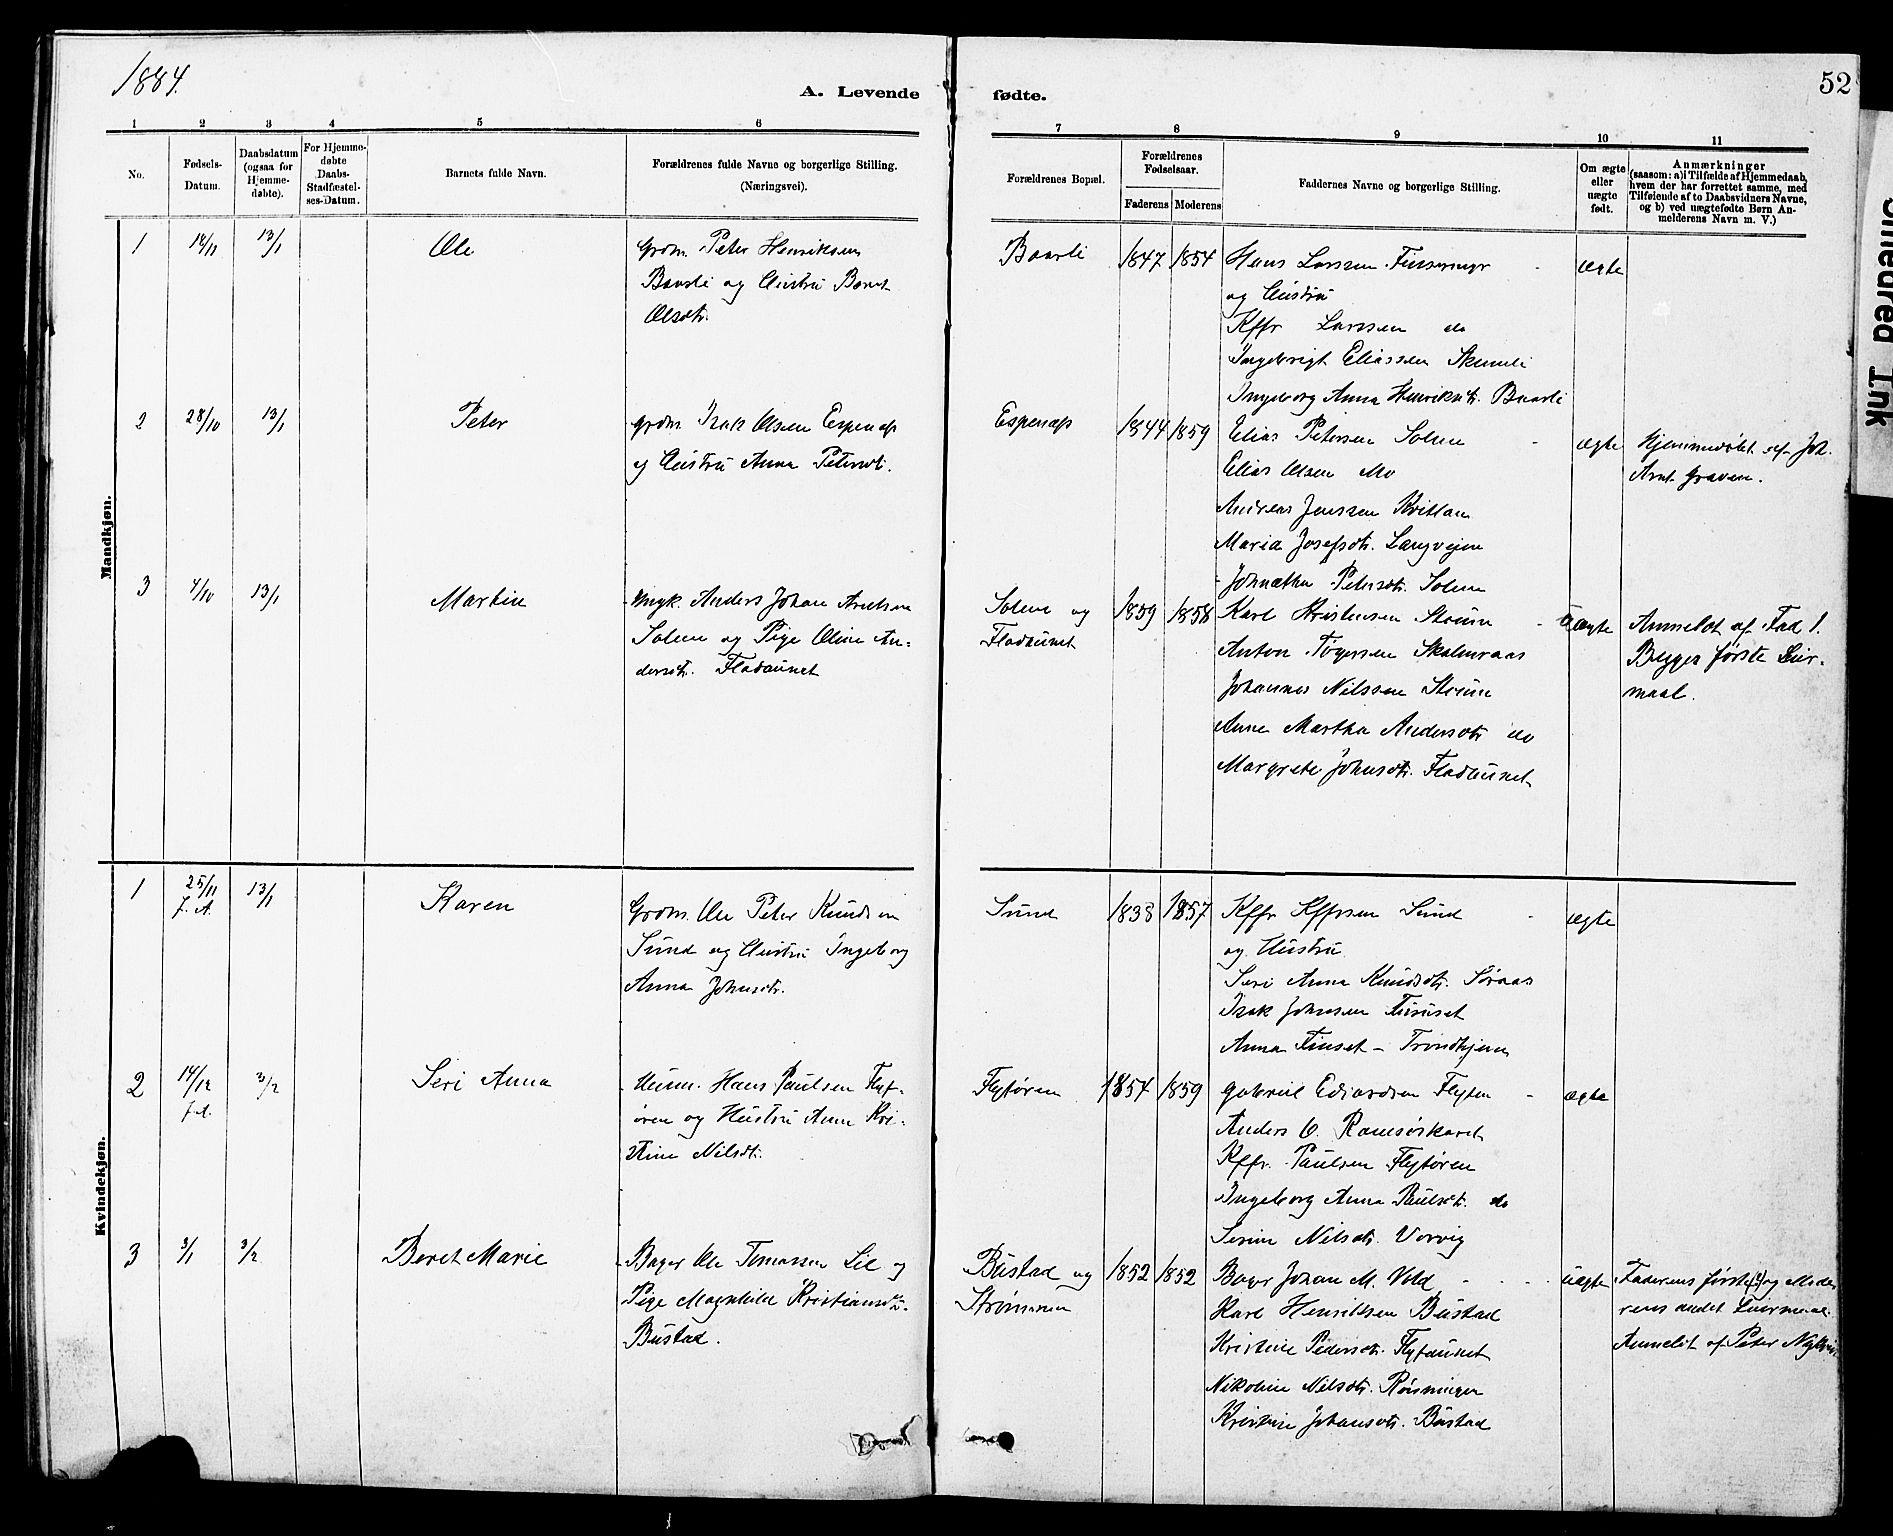 SAT, Ministerialprotokoller, klokkerbøker og fødselsregistre - Sør-Trøndelag, 647/L0636: Klokkerbok nr. 647C01, 1881-1884, s. 52